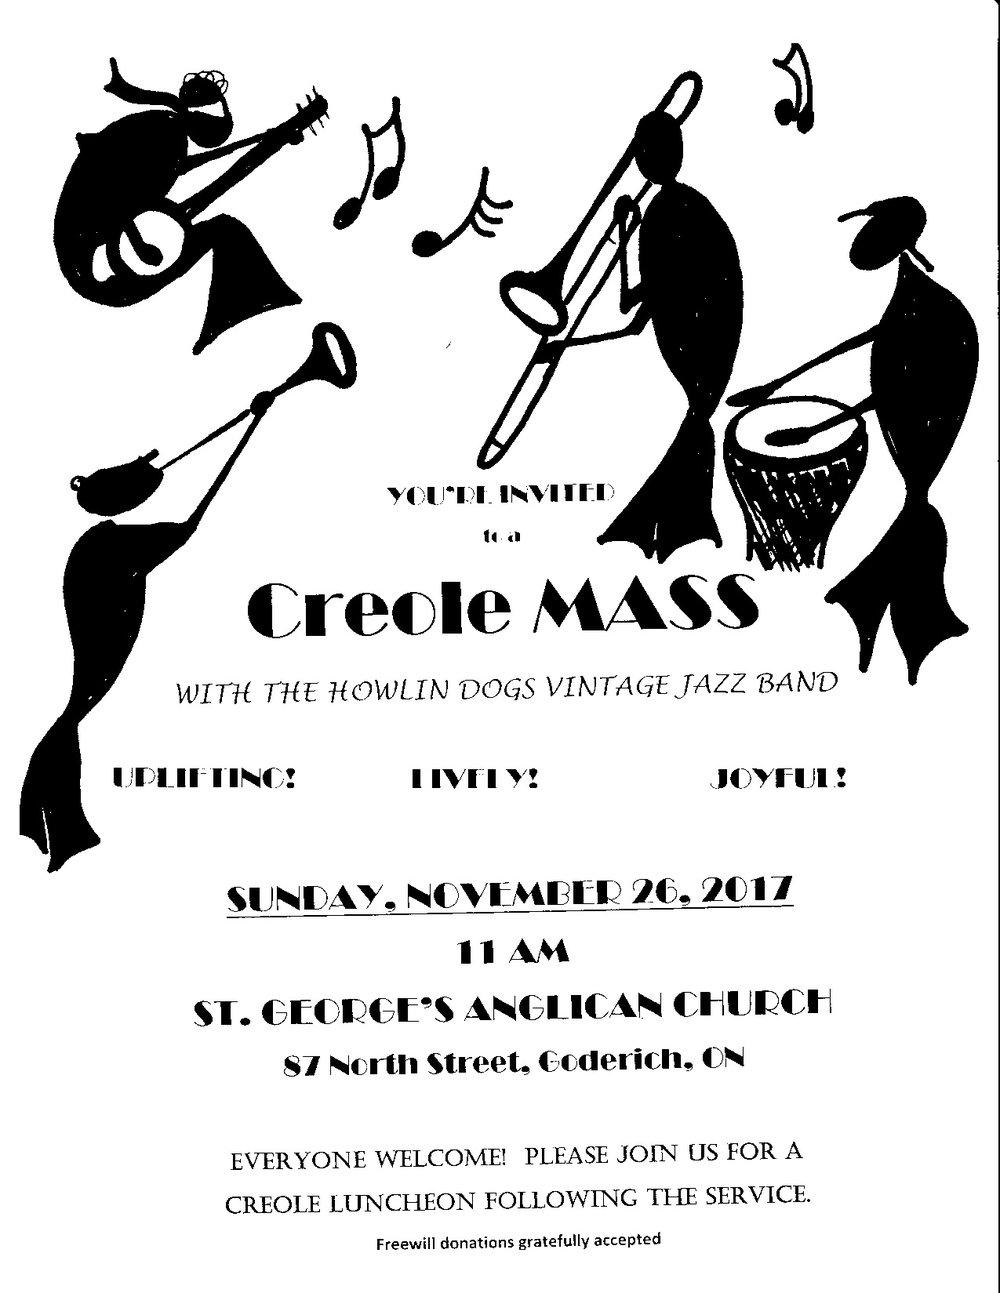 CreoleMass.jpg